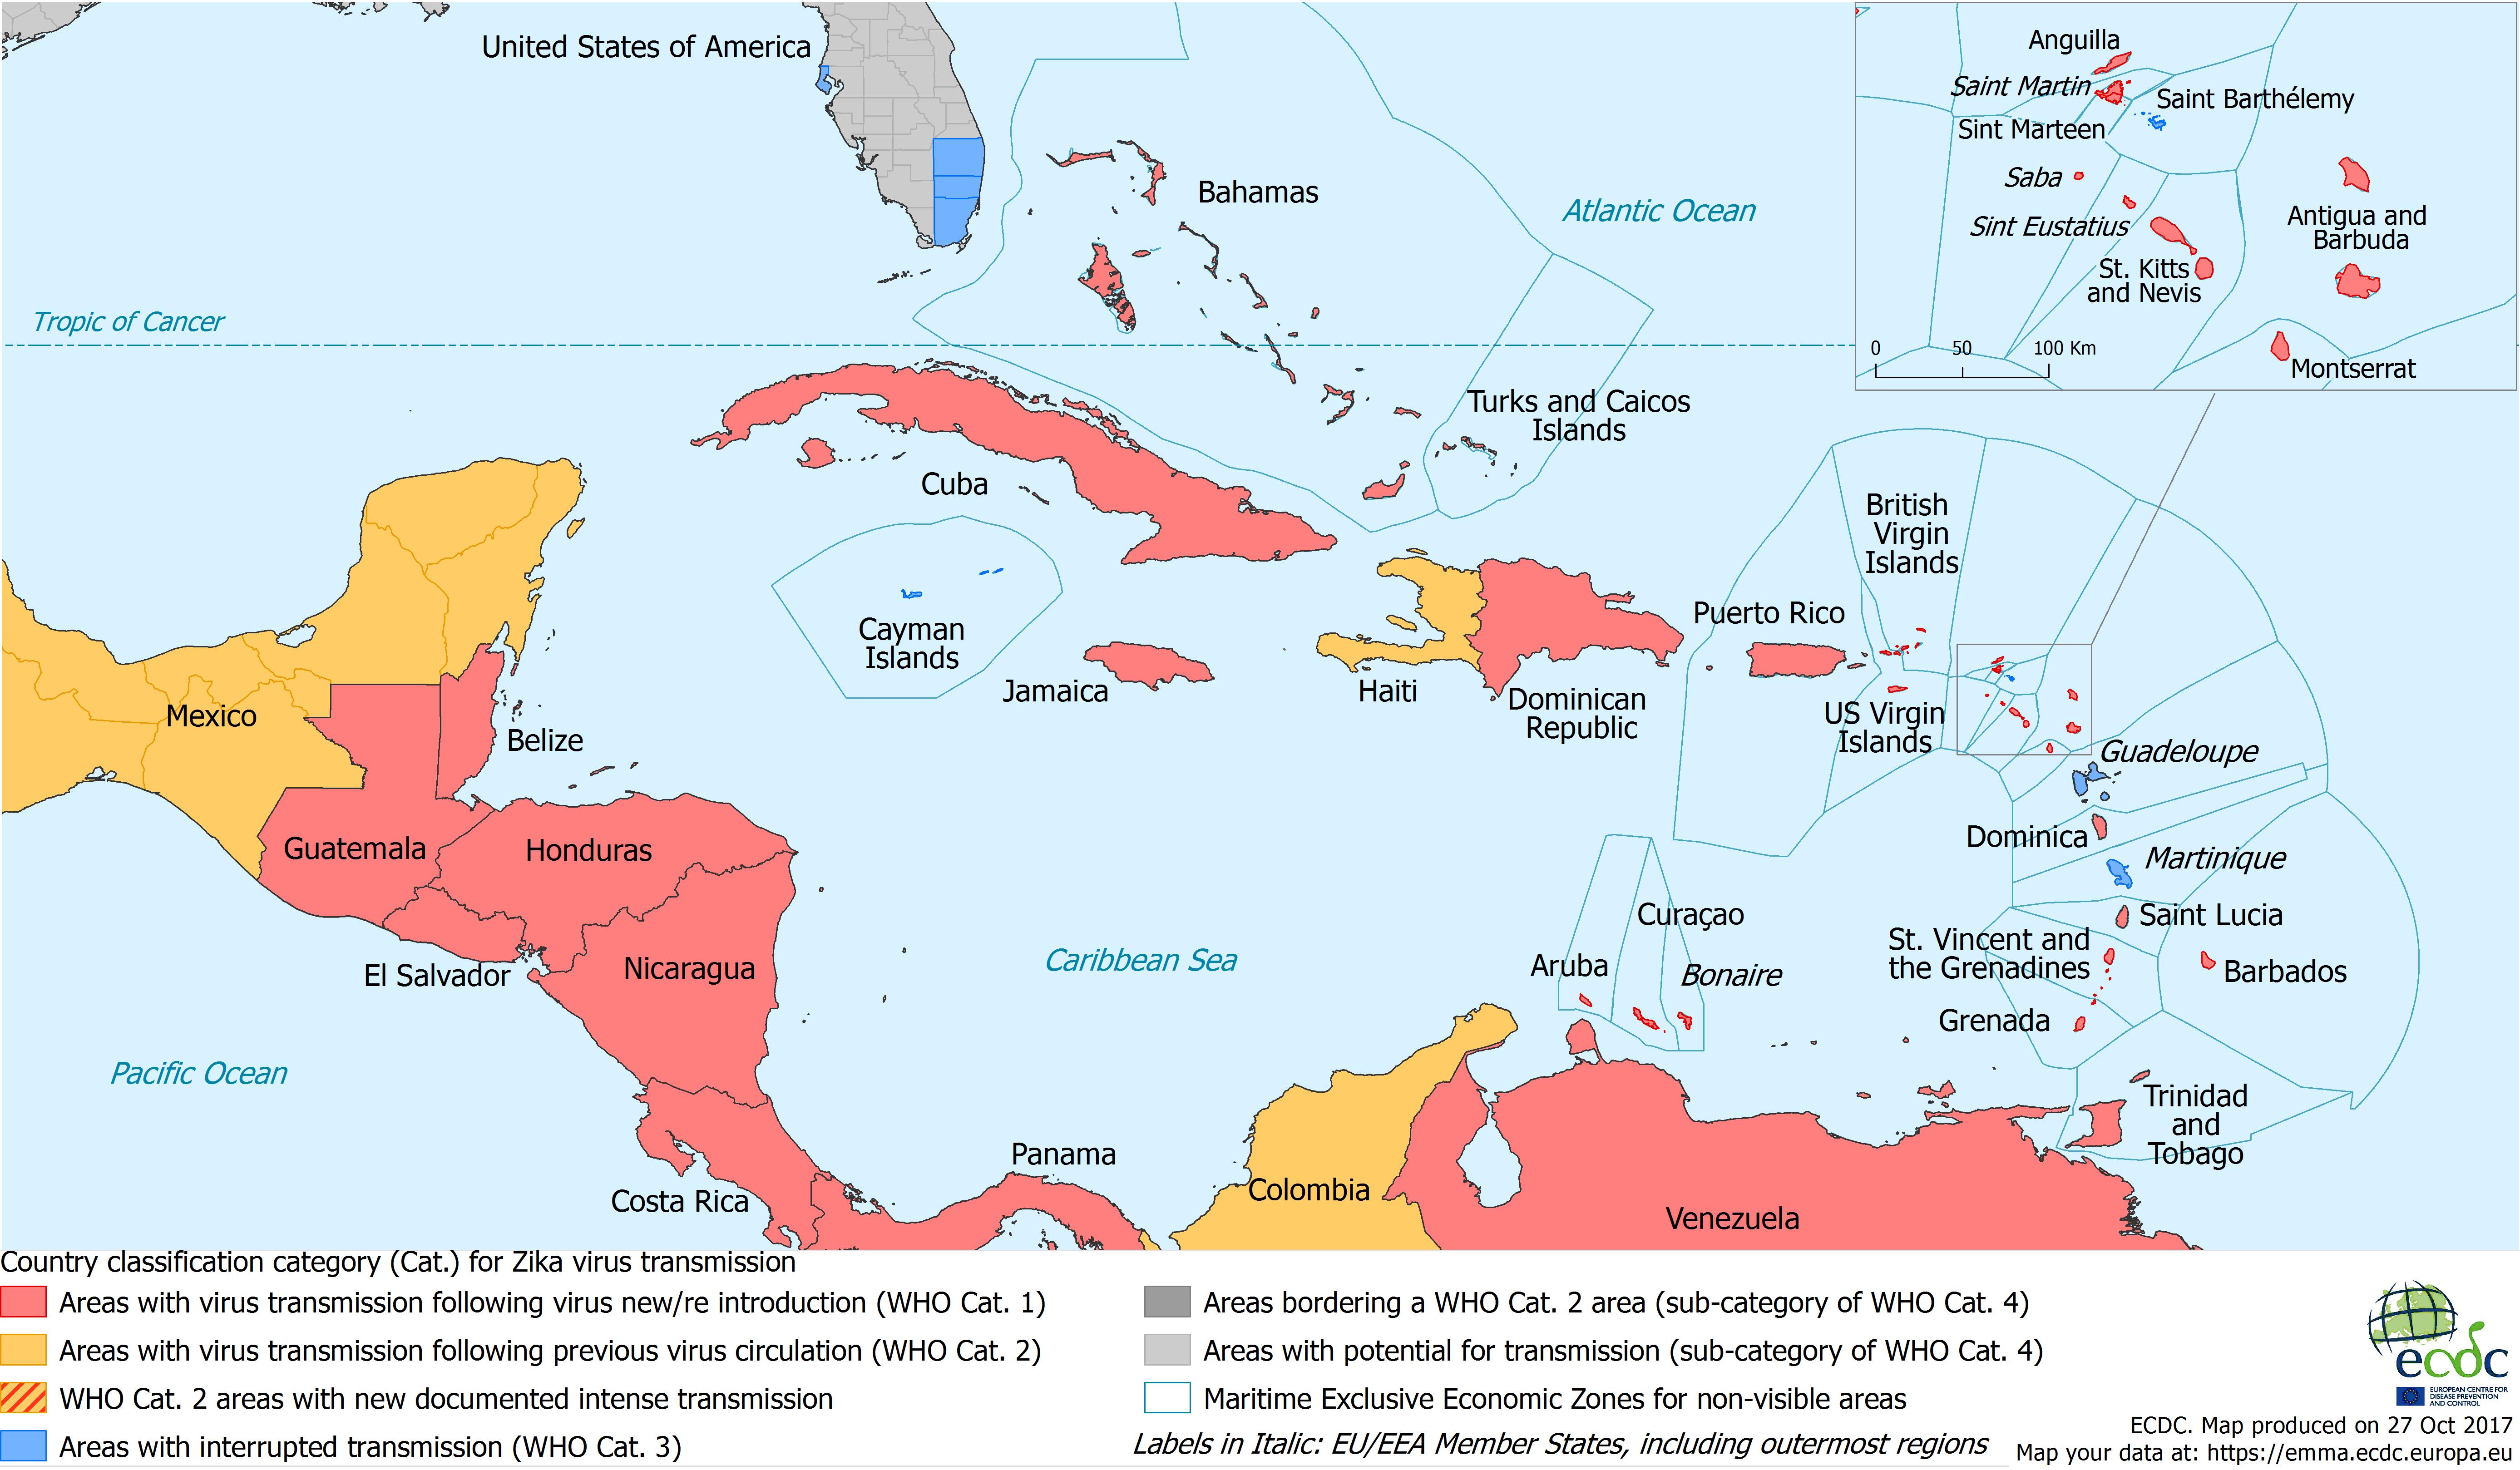 Malaria Kambodscha Karte.Zika Virus Antworten Auf Häufige Fragen